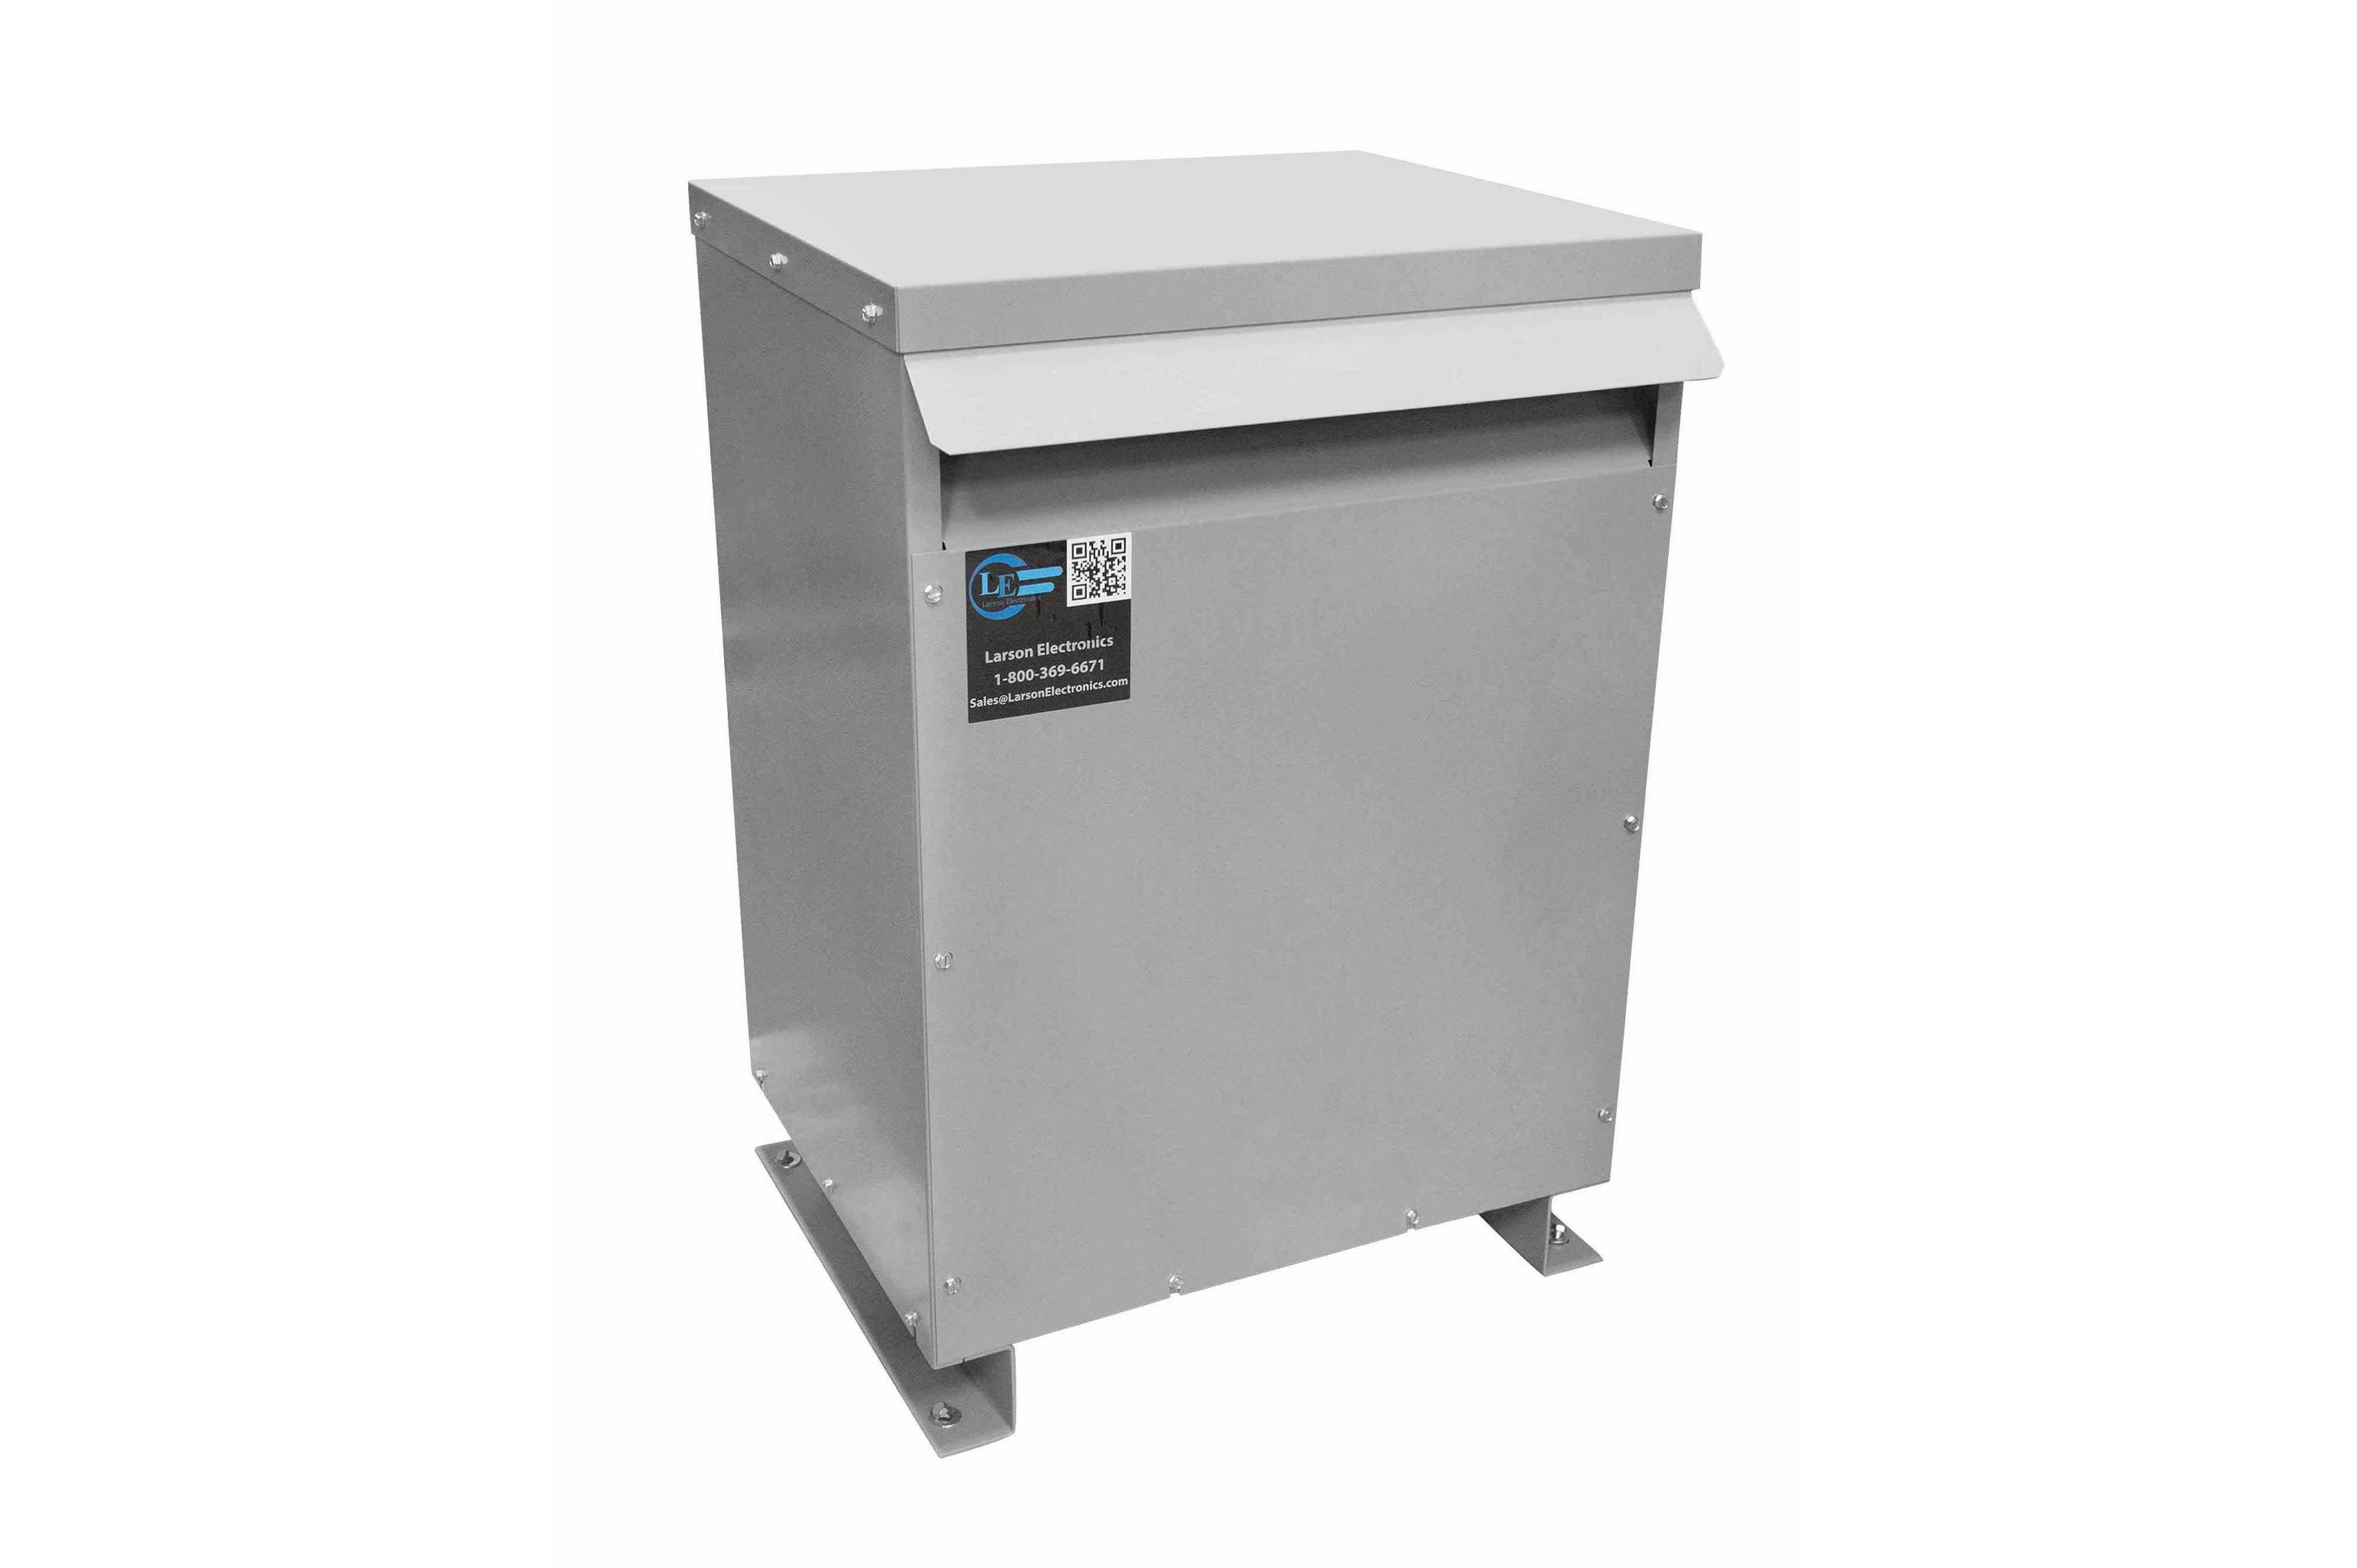 9 kVA 3PH Isolation Transformer, 575V Delta Primary, 208V Delta Secondary, N3R, Ventilated, 60 Hz